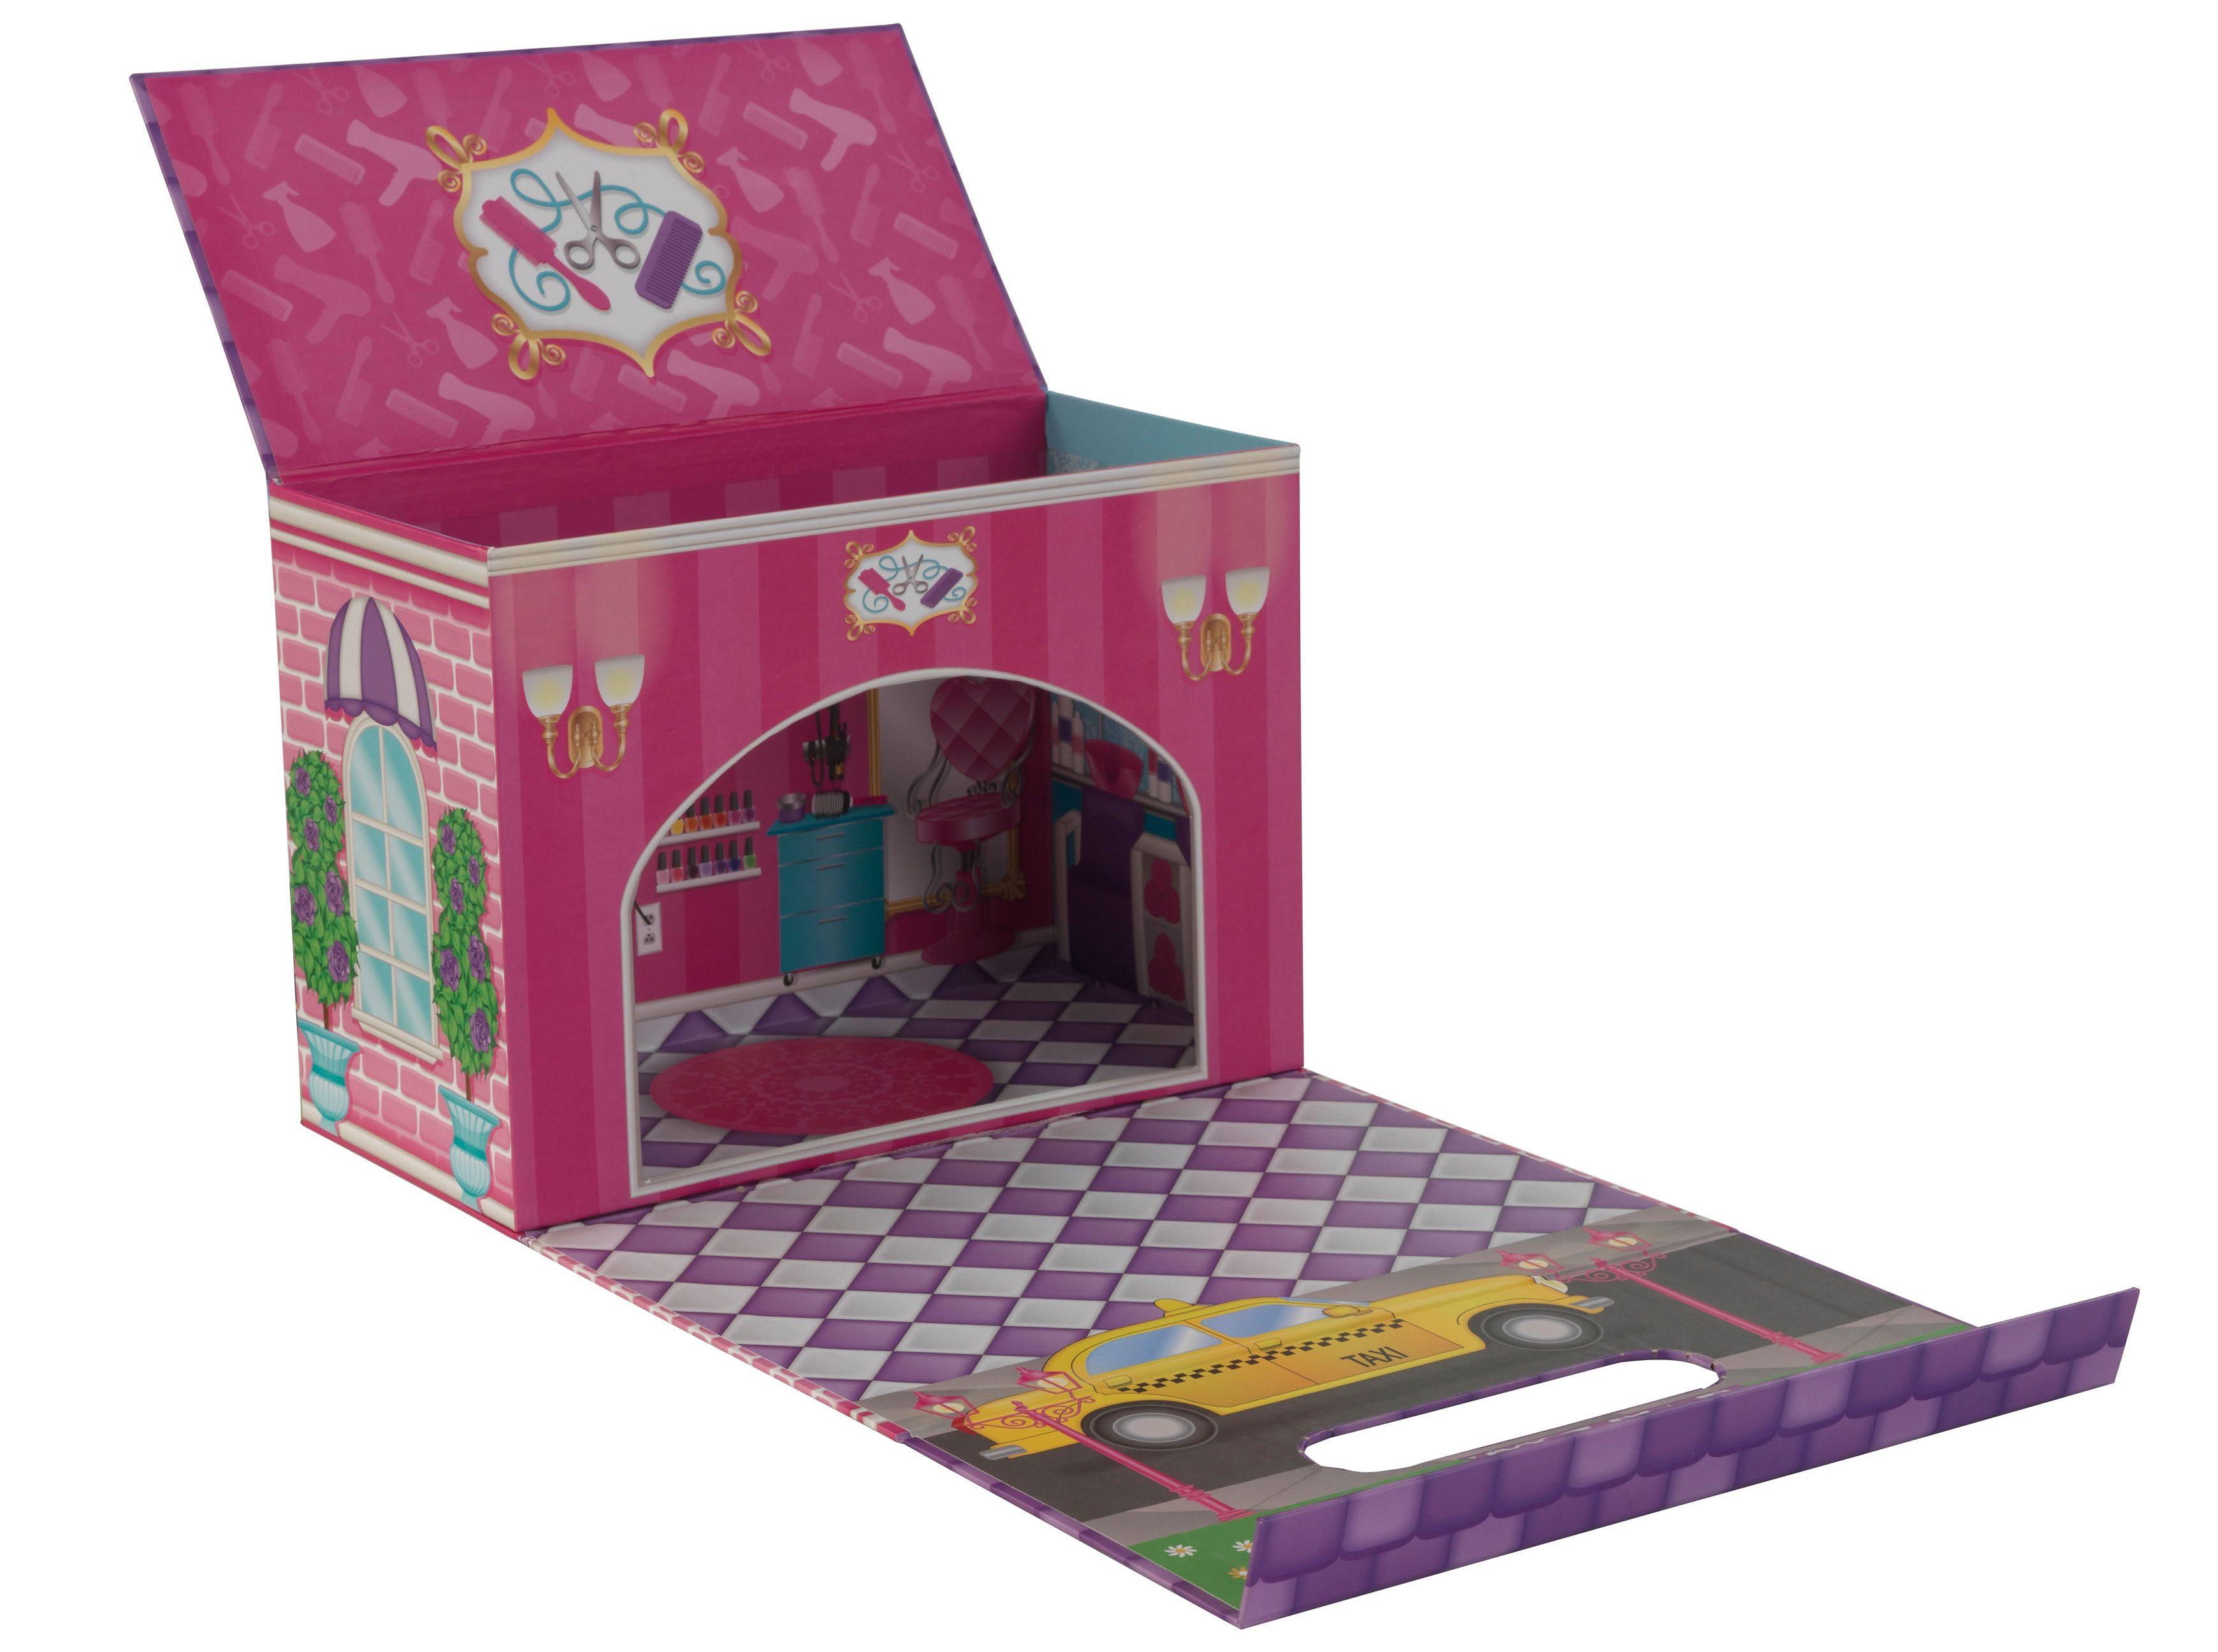 KidKraft® Spielset, »Reisebox-Spielset Schönheitssalon«